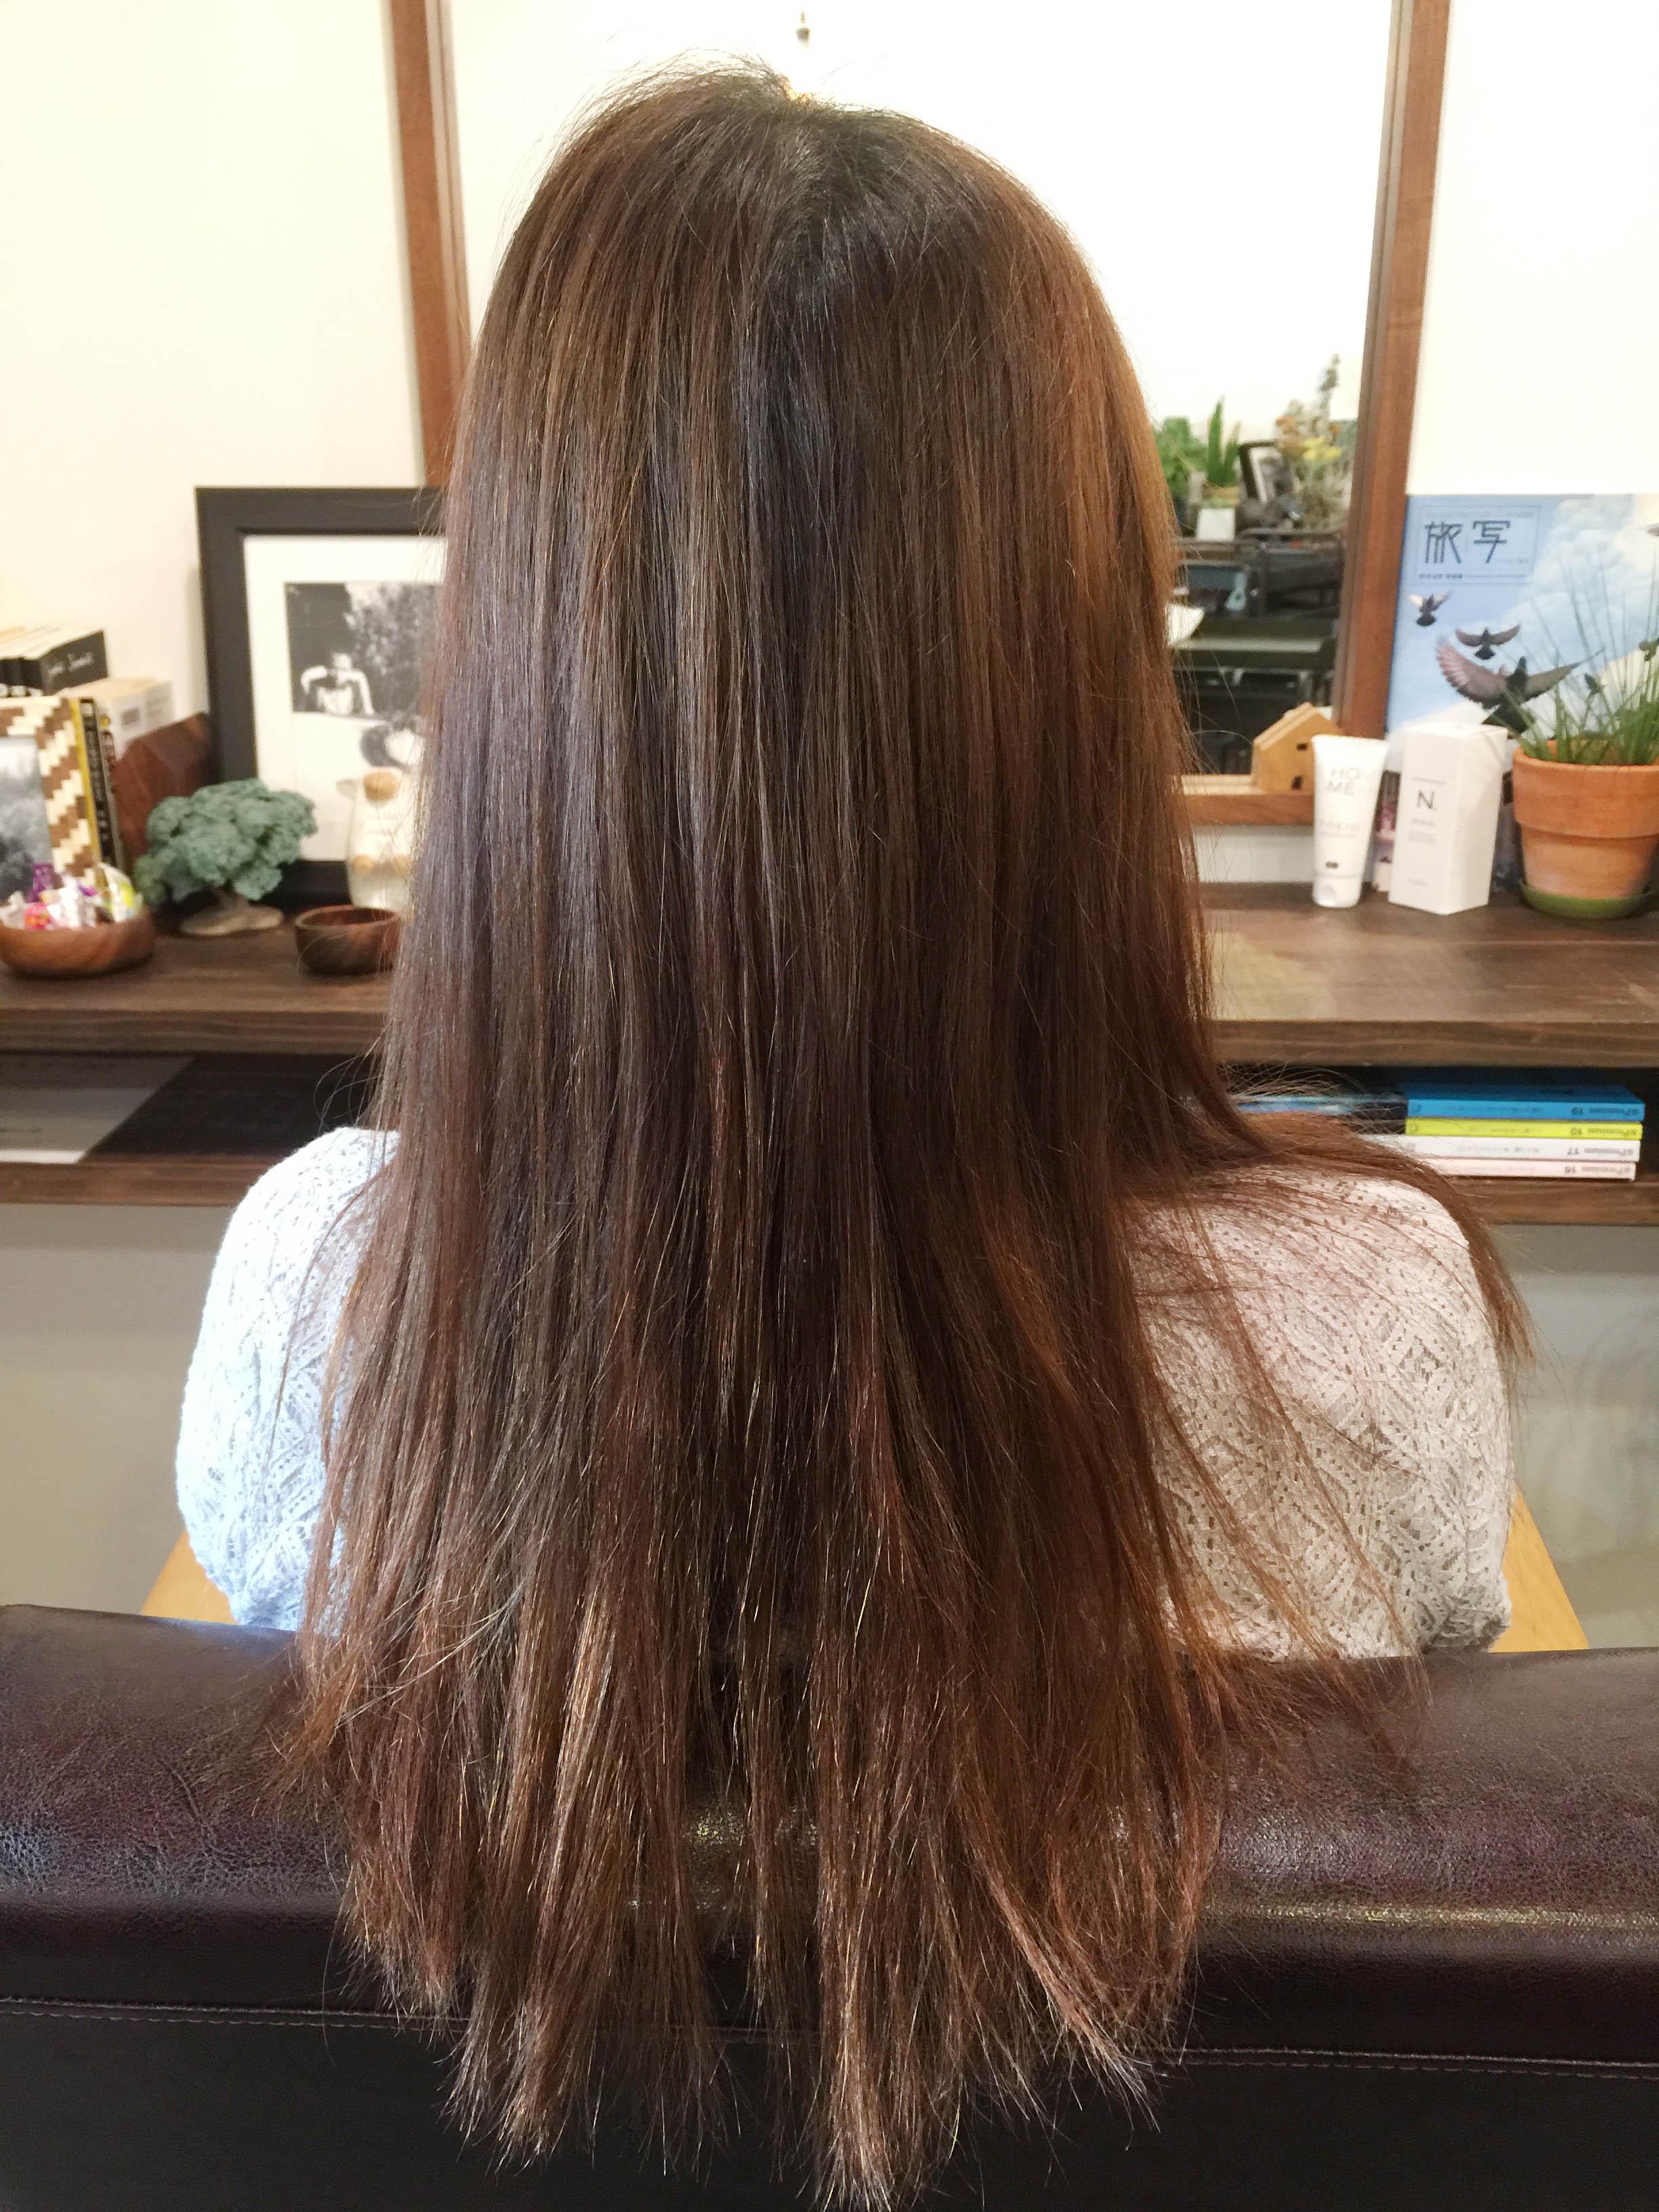 オレンジになった髪色